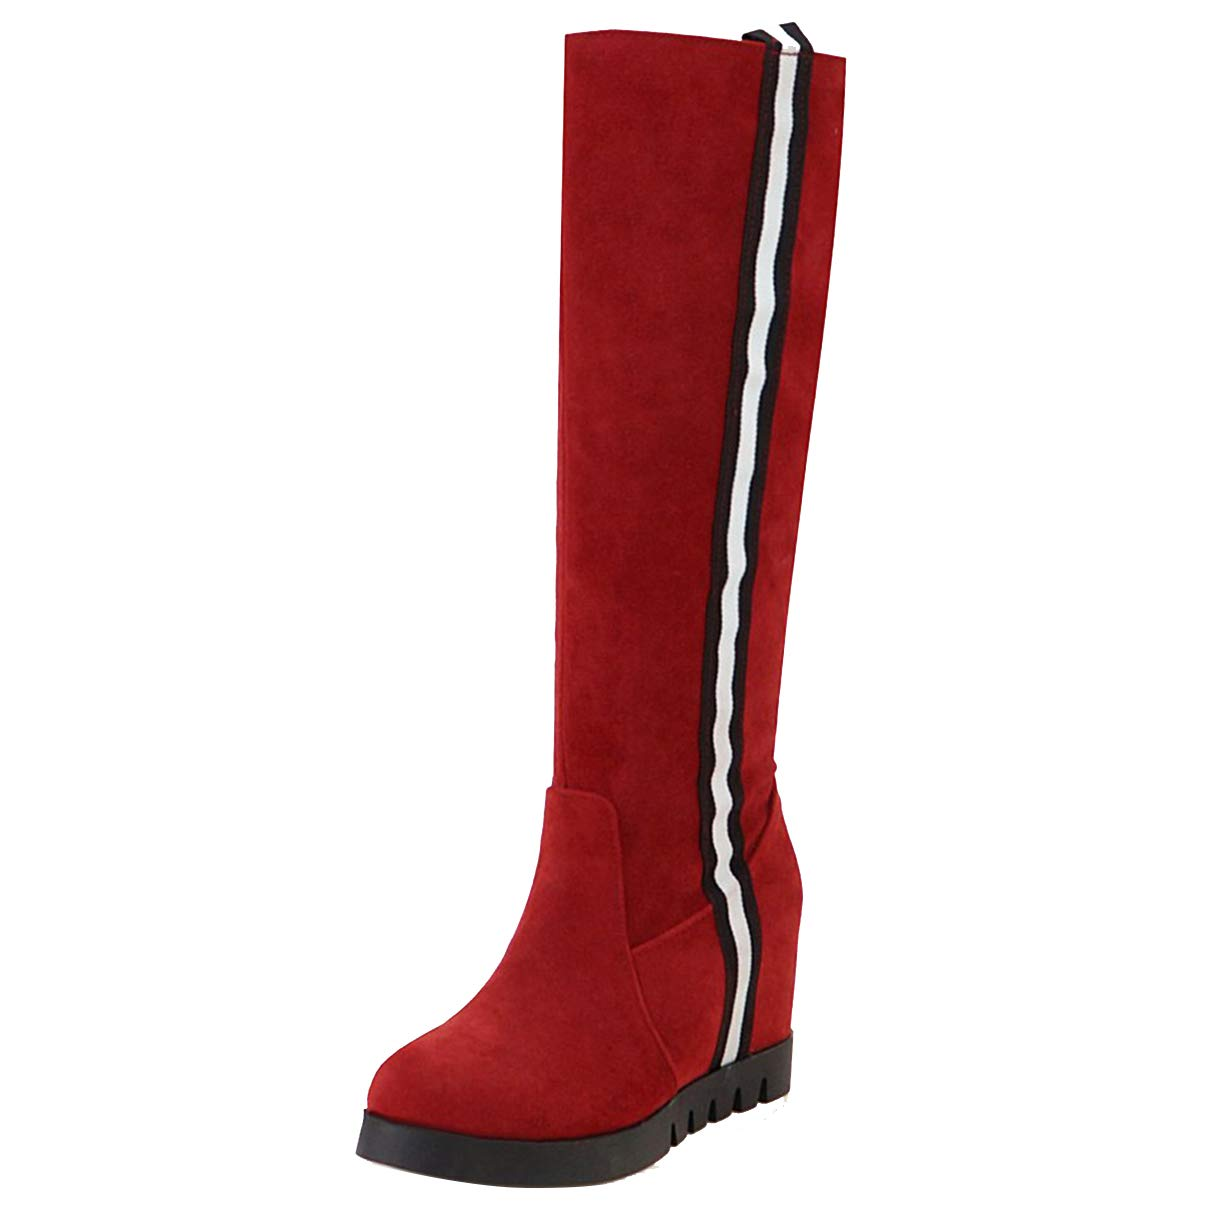 JYshoes , Bottes Classiques Classiques B07FCDB72V Femme Bottes Rouge 4b11e84 - reprogrammed.space